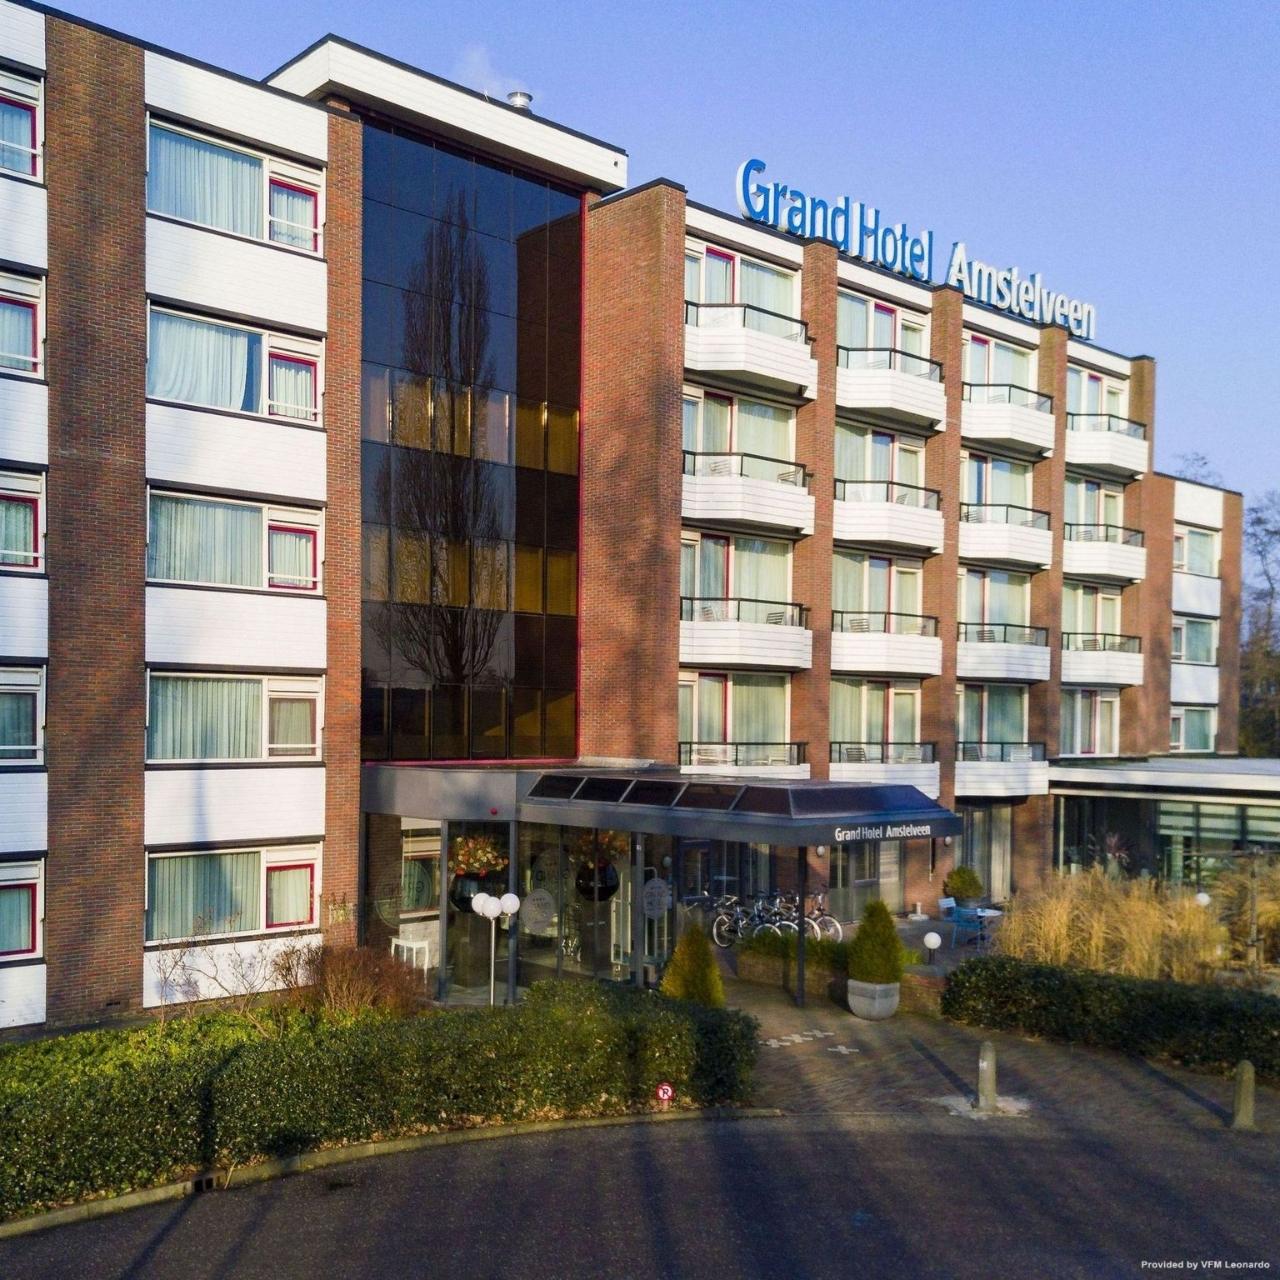 Grand Hotel Amstelveen Niederlande Bei Hrs Mit Gratis Leistungen